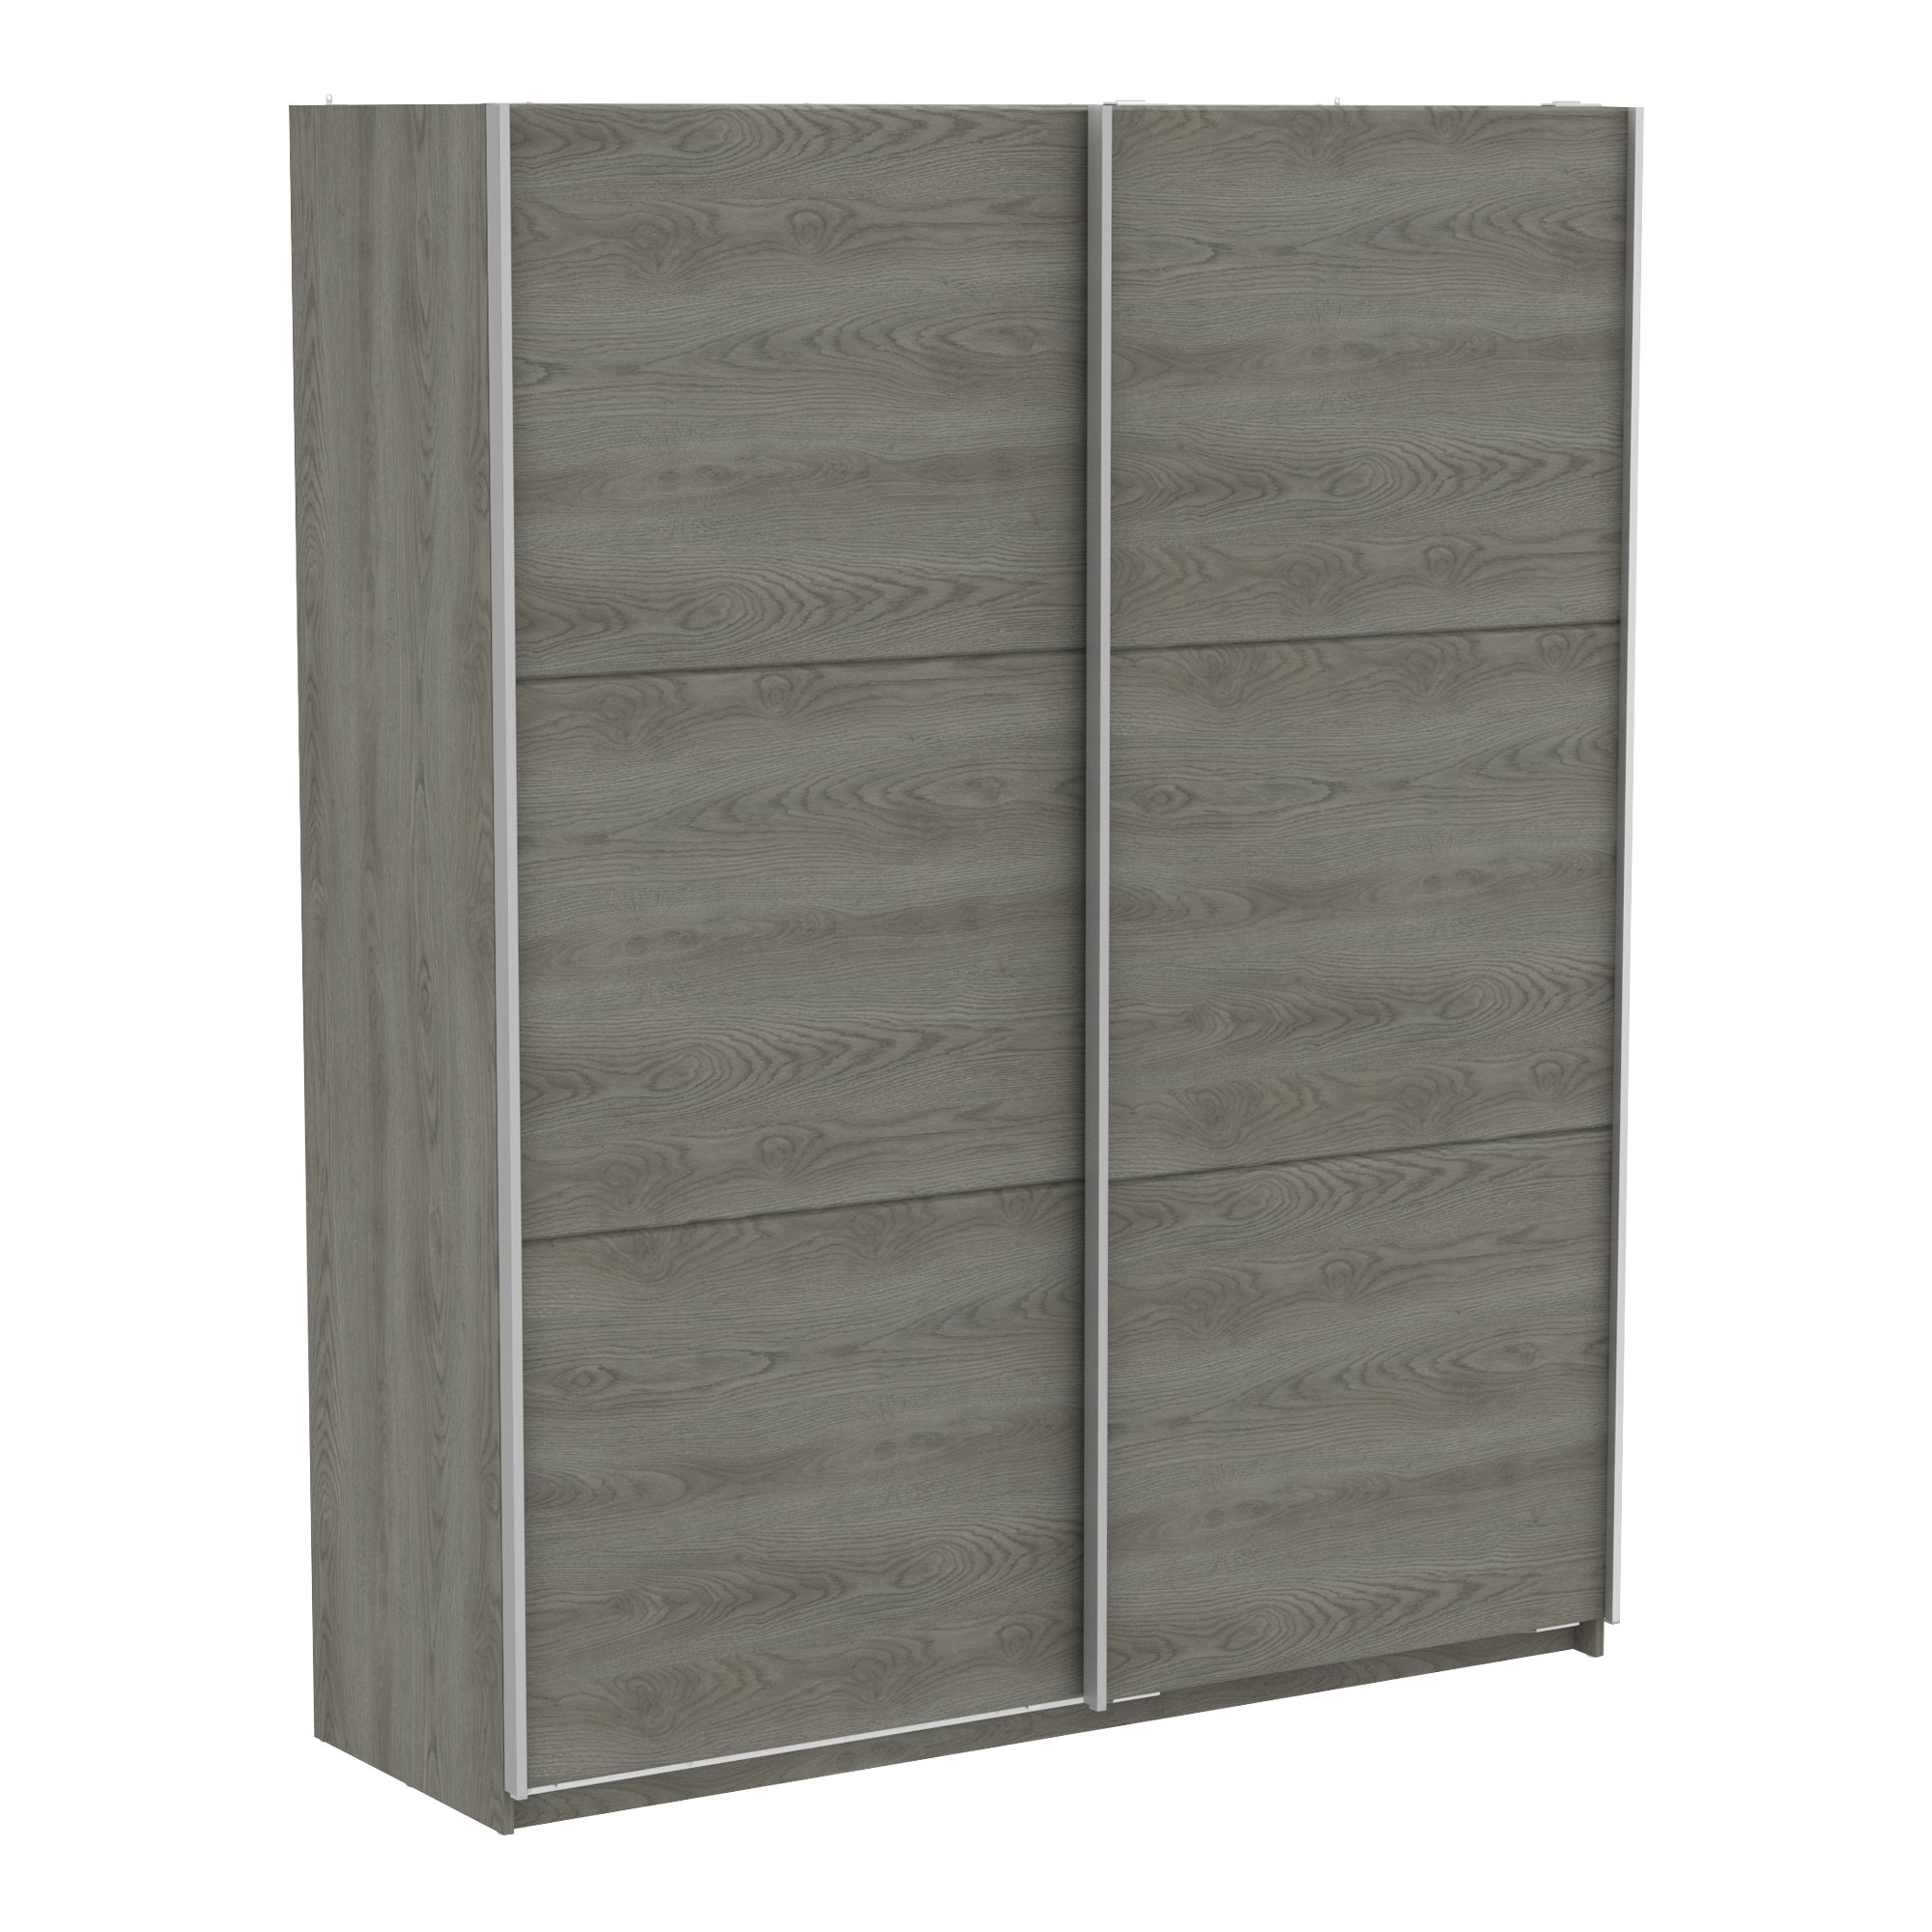 Kombinovaná šatní skříň s posuvnými dveřmi ALHAMBRA 180, dub šedý